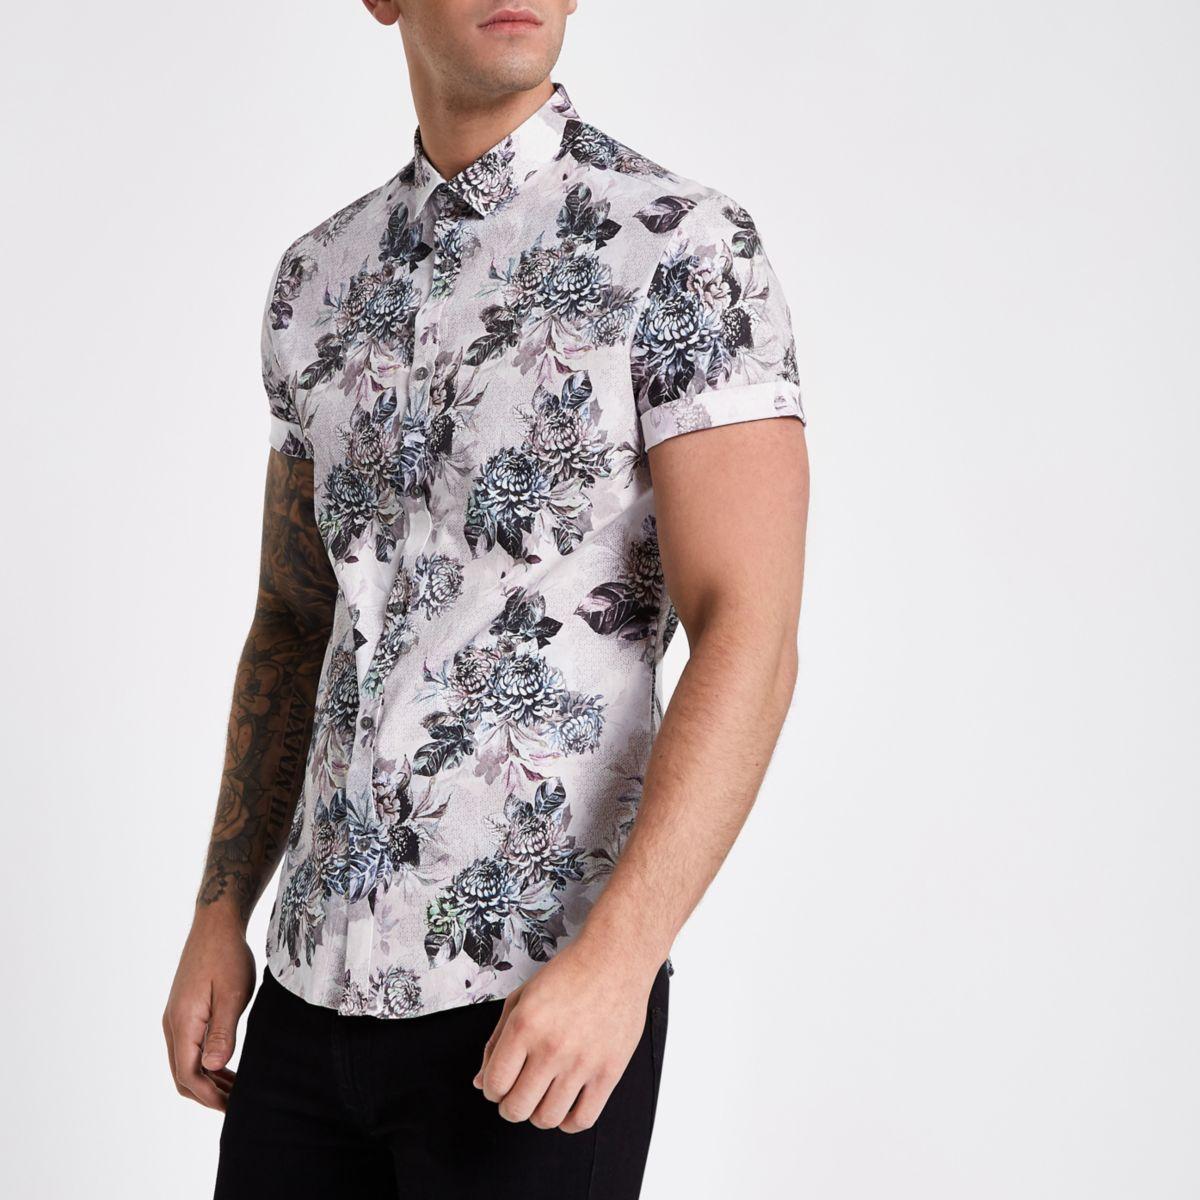 Ecru floral short sleeve shirt